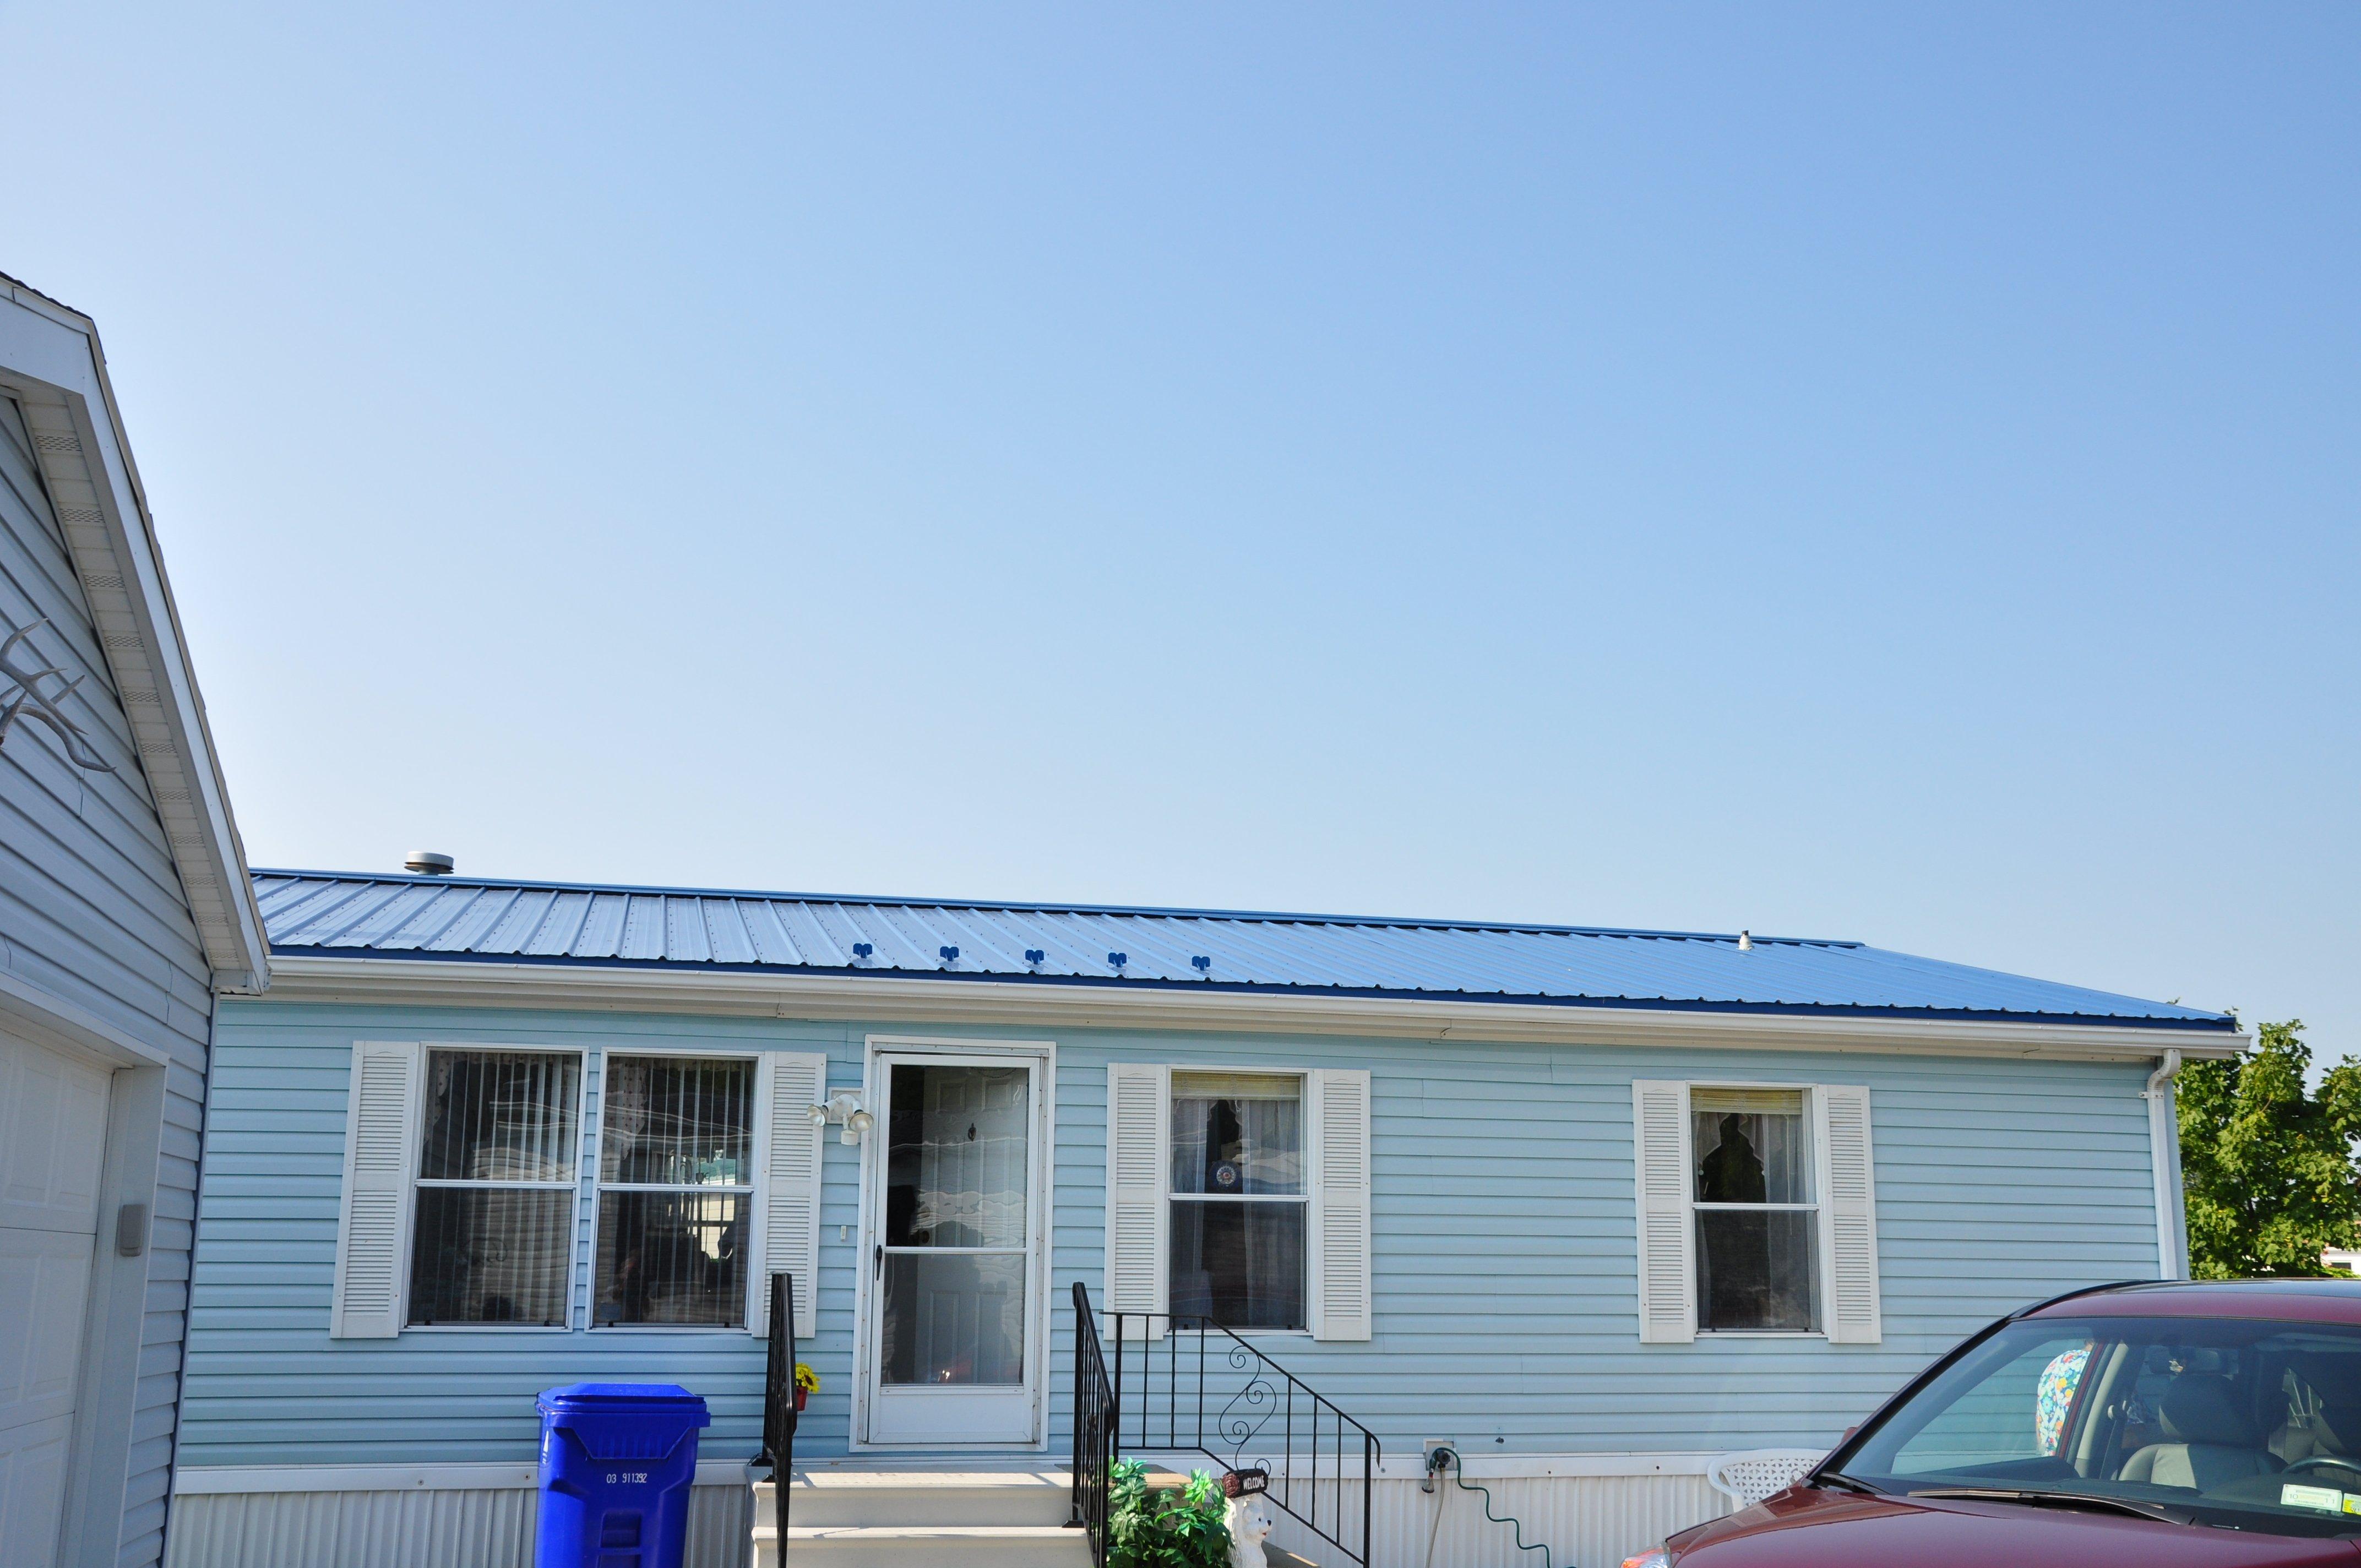 Niagara Falls NY Residential Roof Repair